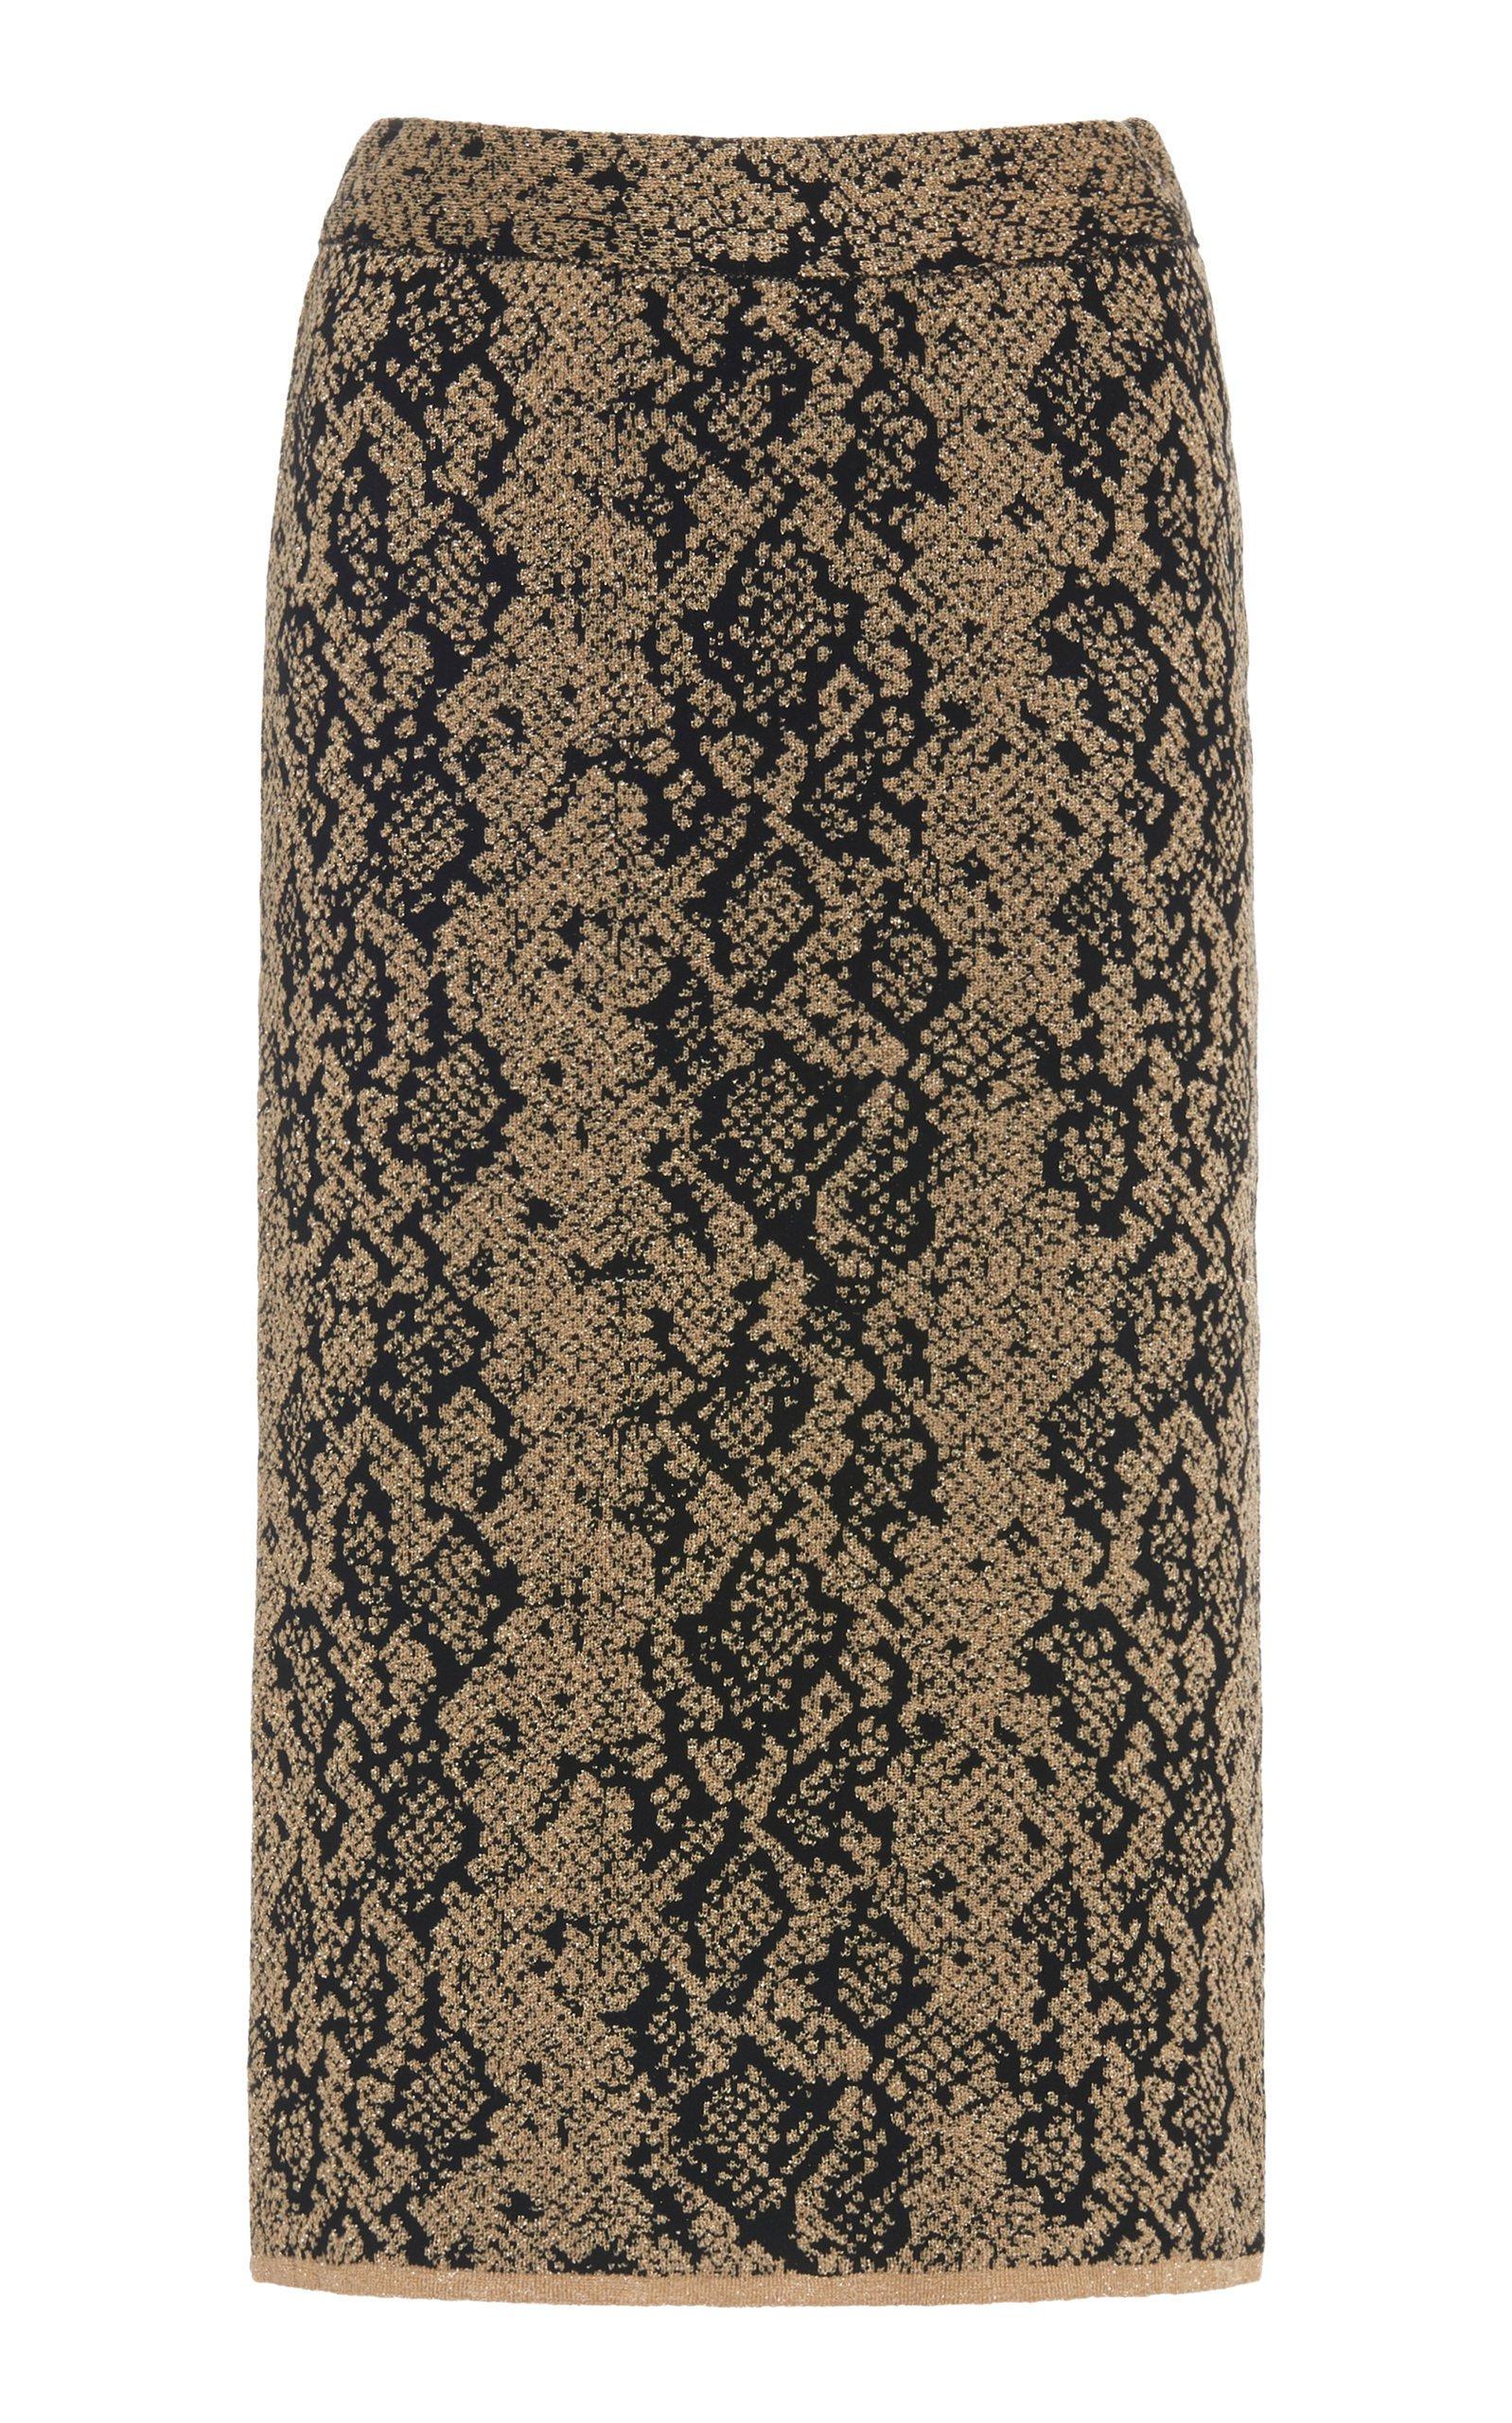 Dundas Printed Jersey Pencil Skirt Size: 48